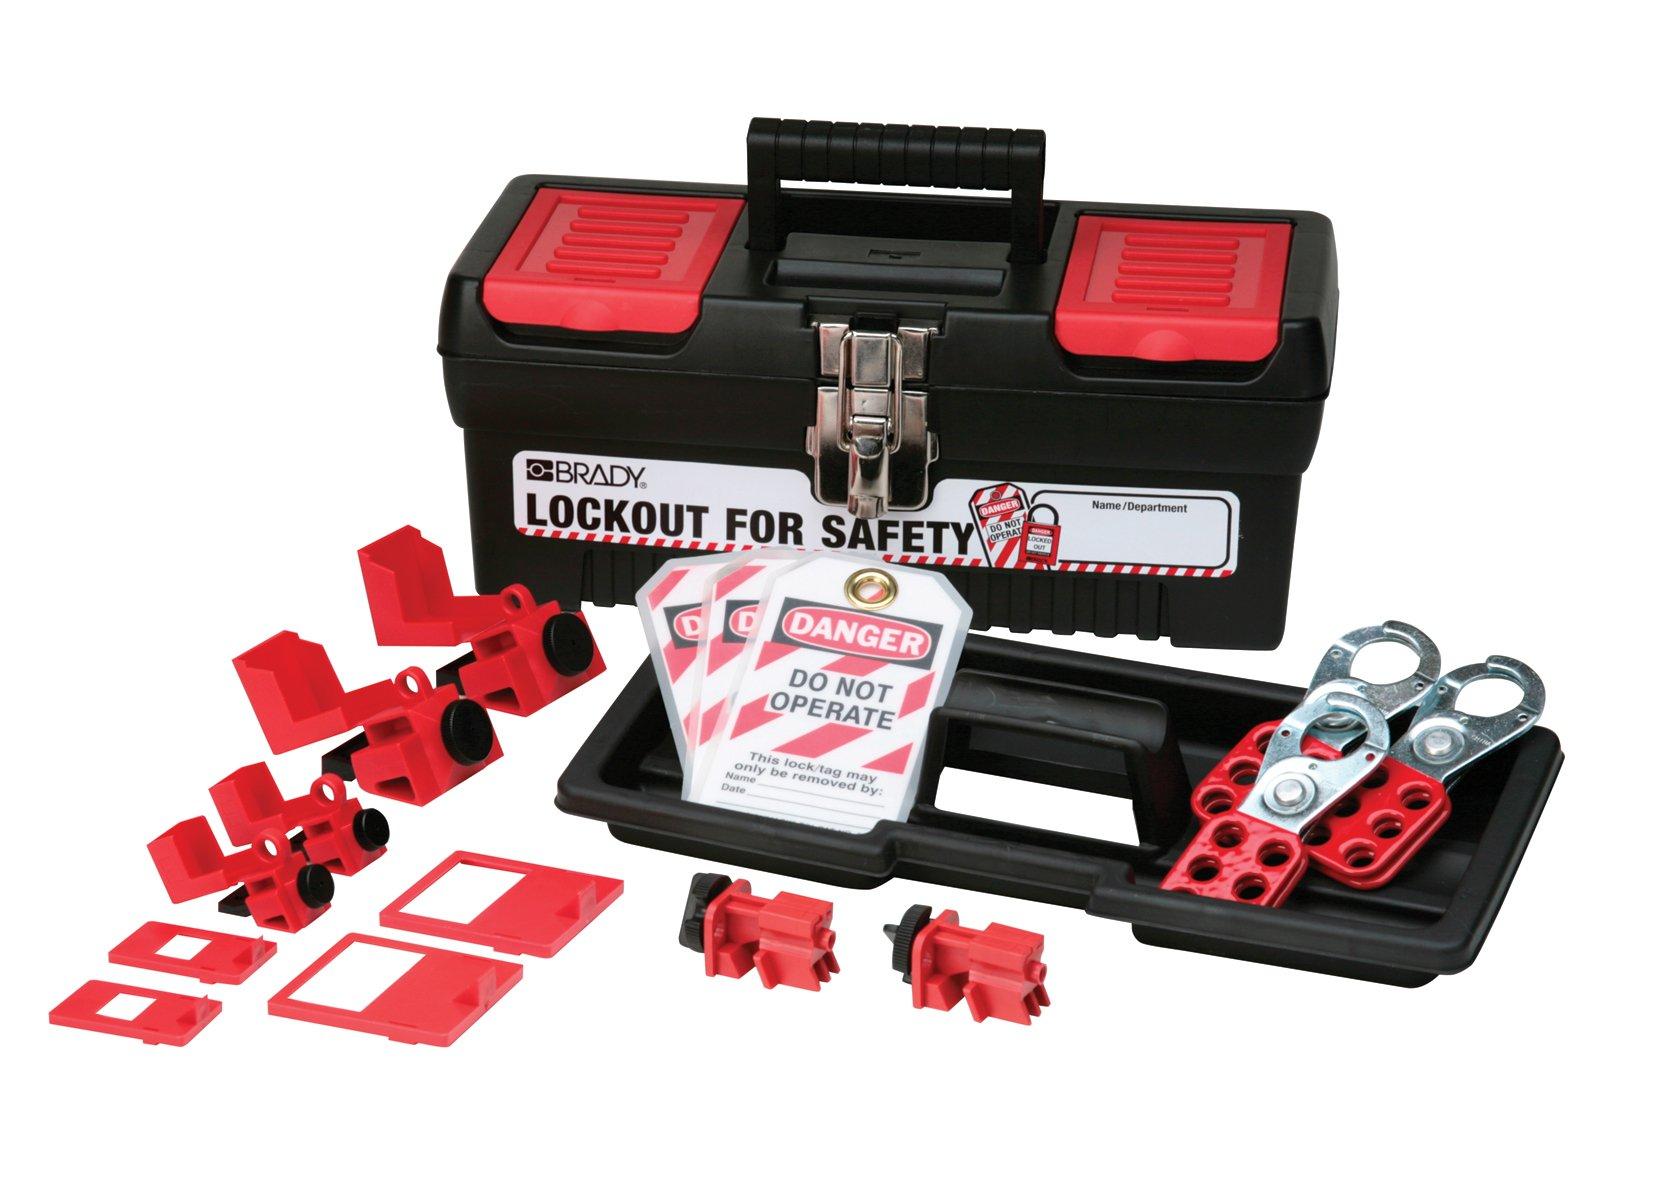 Brady Personal Breaker Lockout Toolbox Kit, Padlocks Not Included by Brady